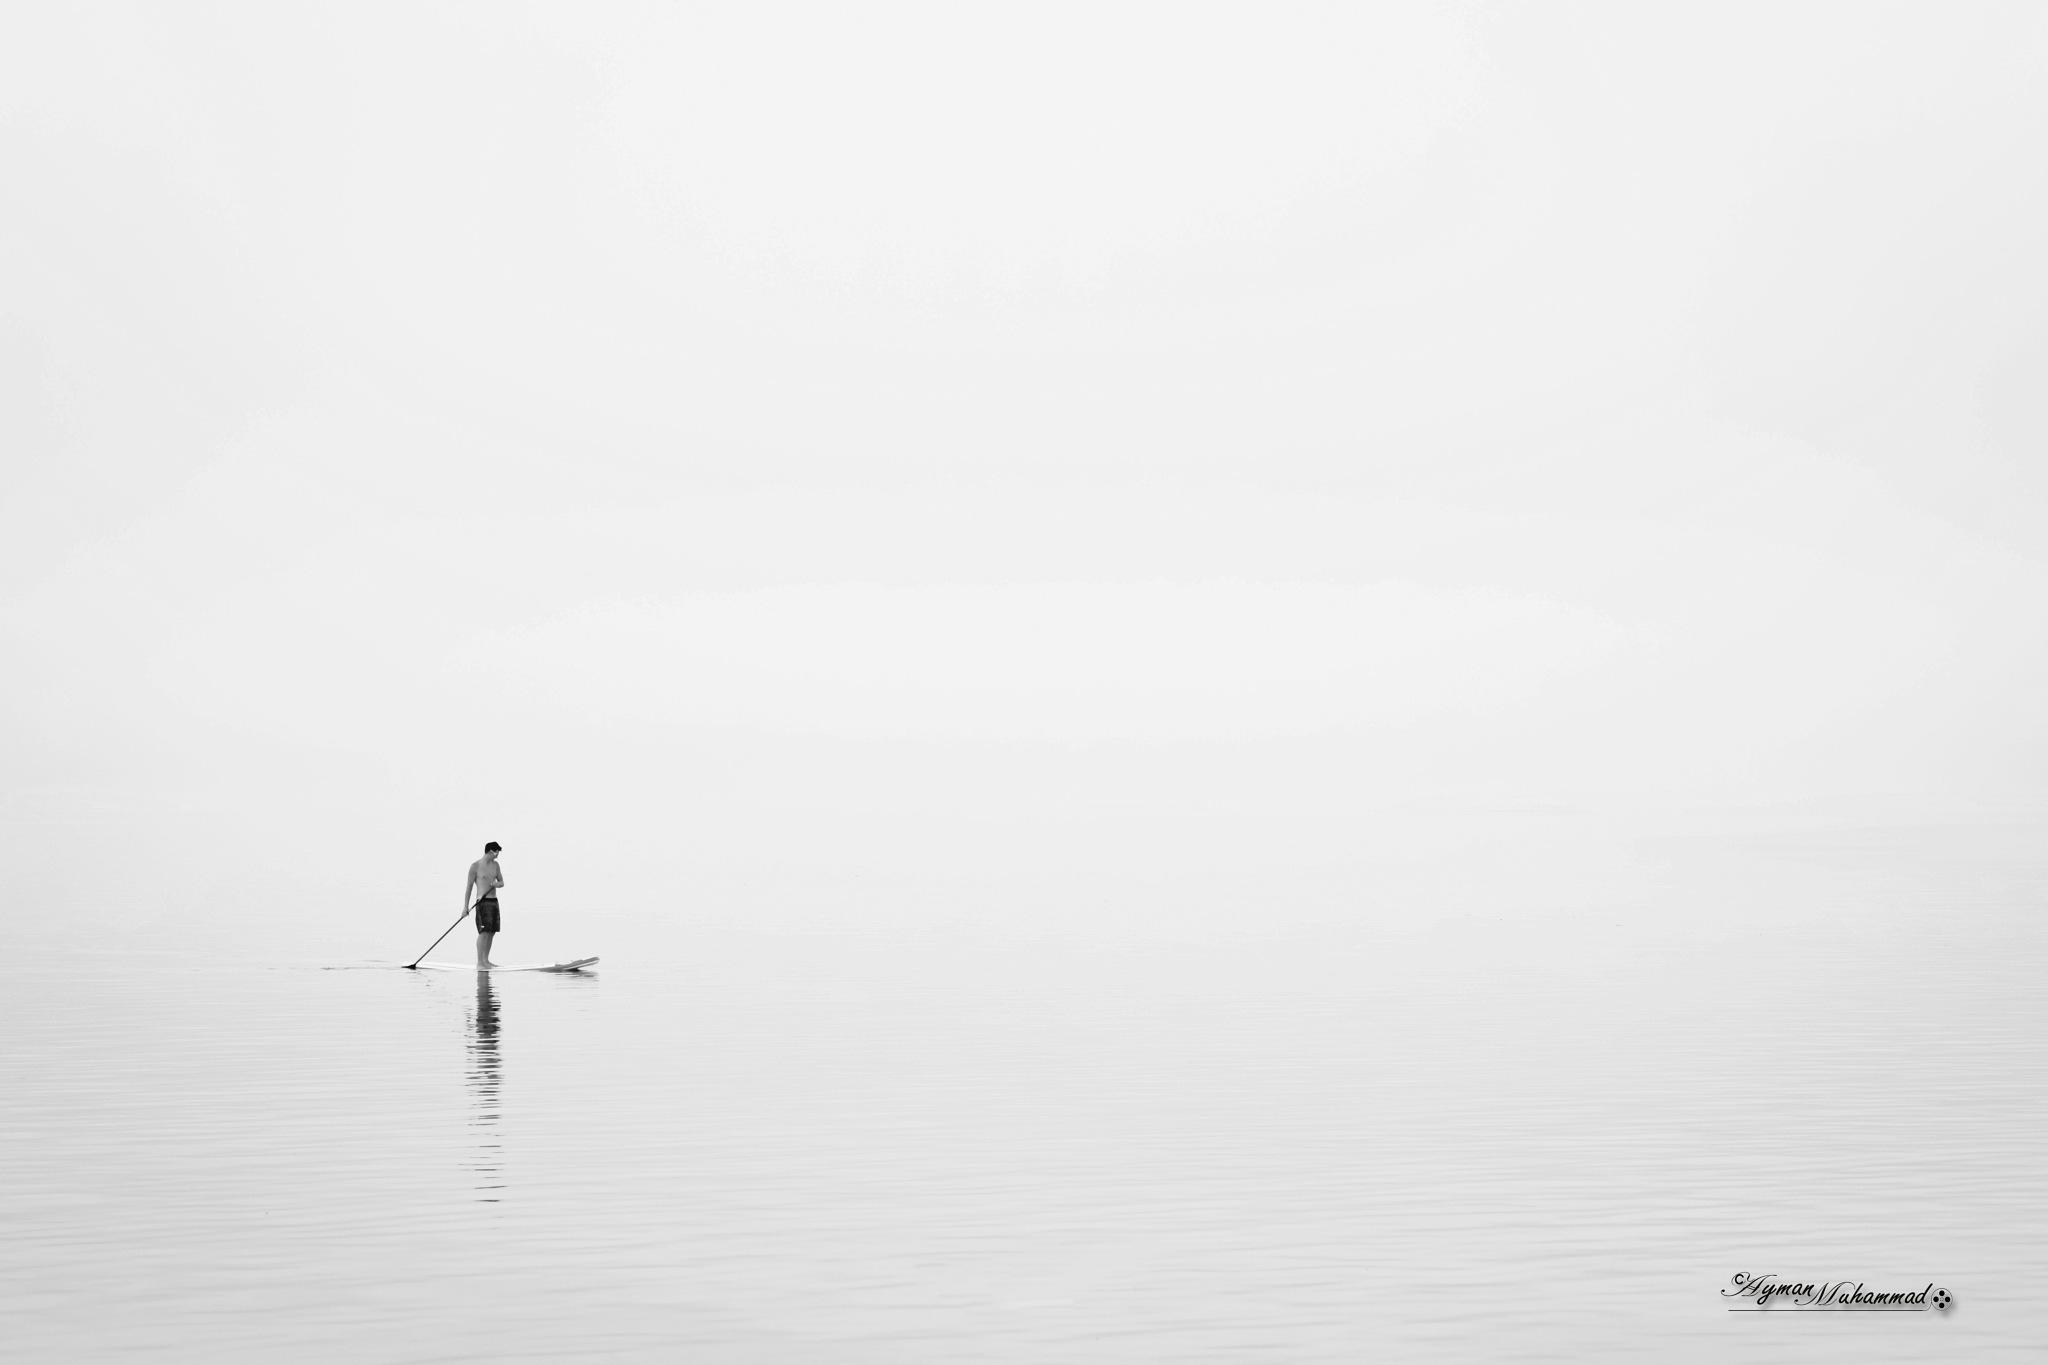 Lonely at big sea by AymanMuhammad